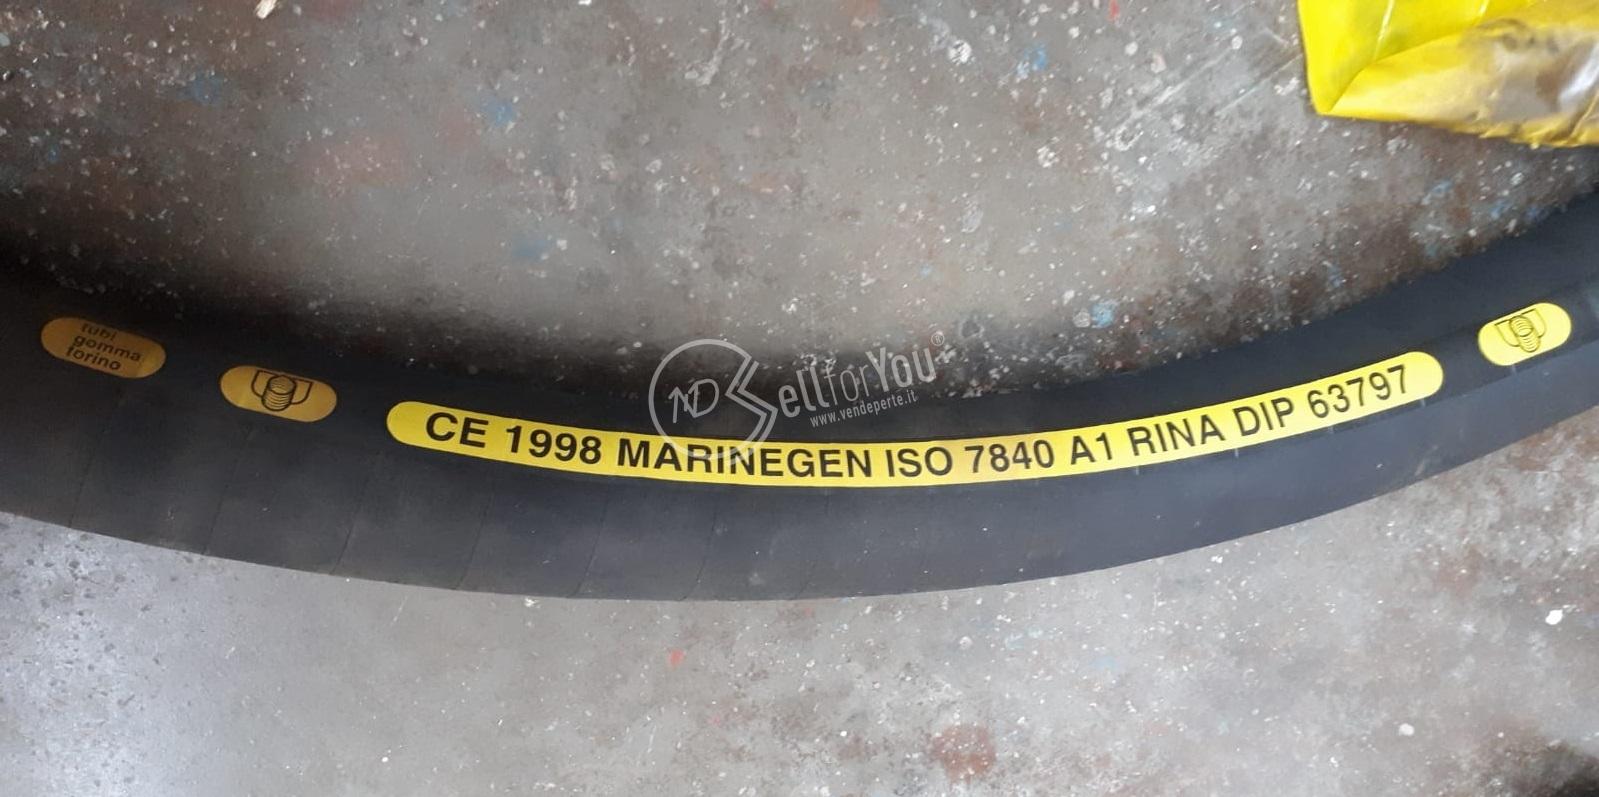 sellforyou immagine default articolo correlato non trovatoTubo mandata carburanti per imbarcazioni Marinegen iso 7840